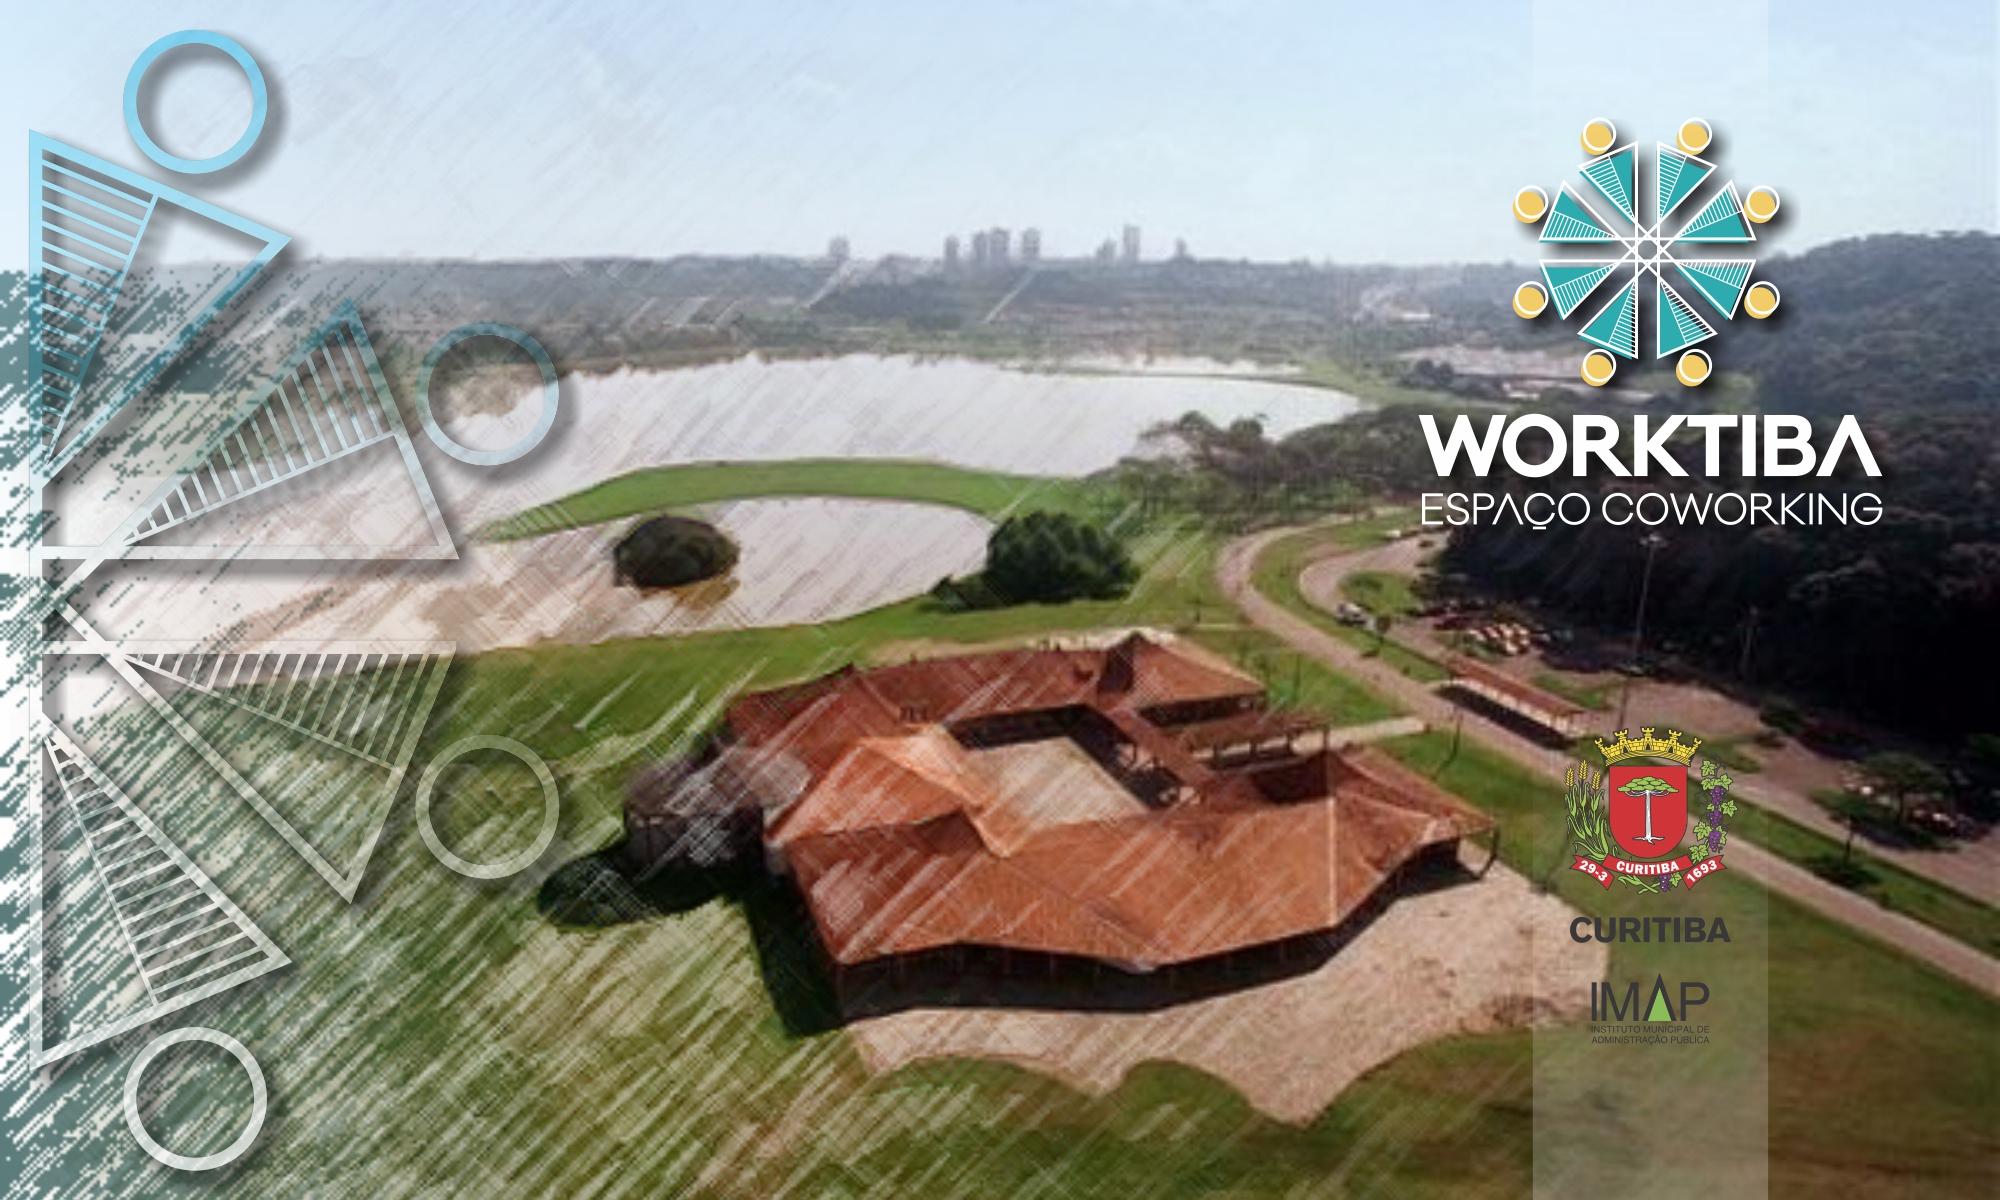 Worktiba Barigui será ampliado com mais 30 vagas para empreendedores